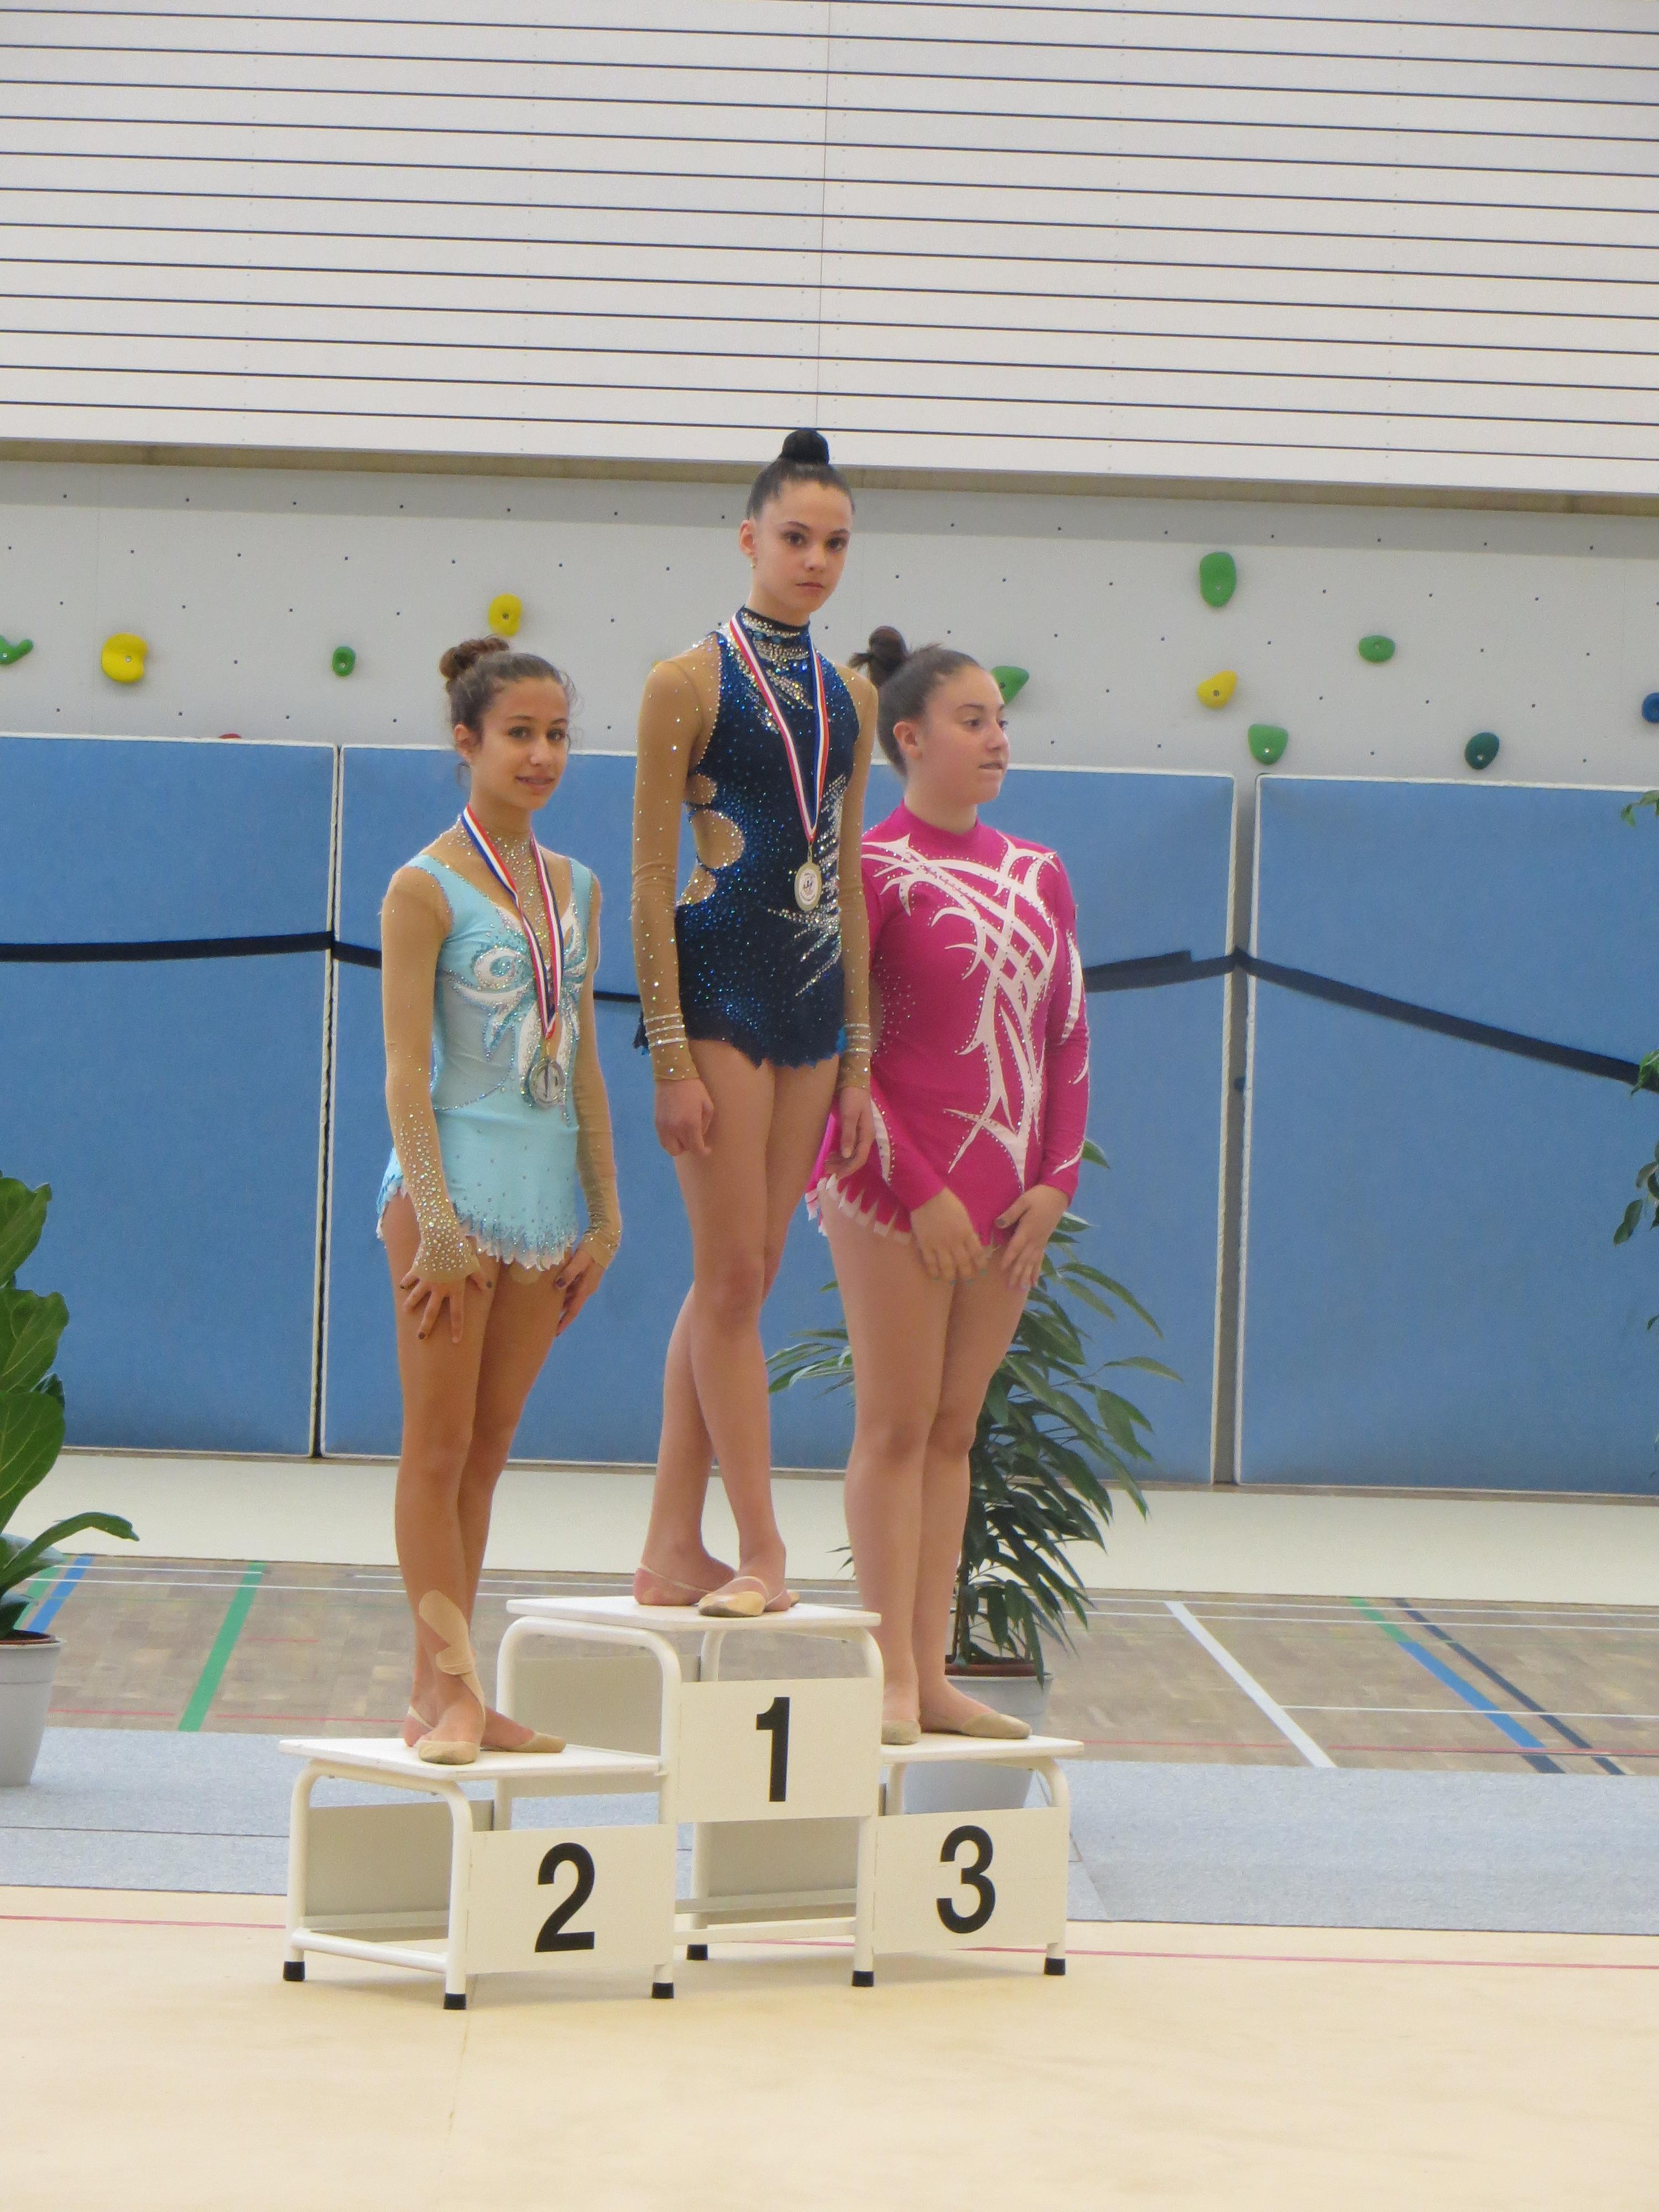 Luxwmbourg Trophy 2013